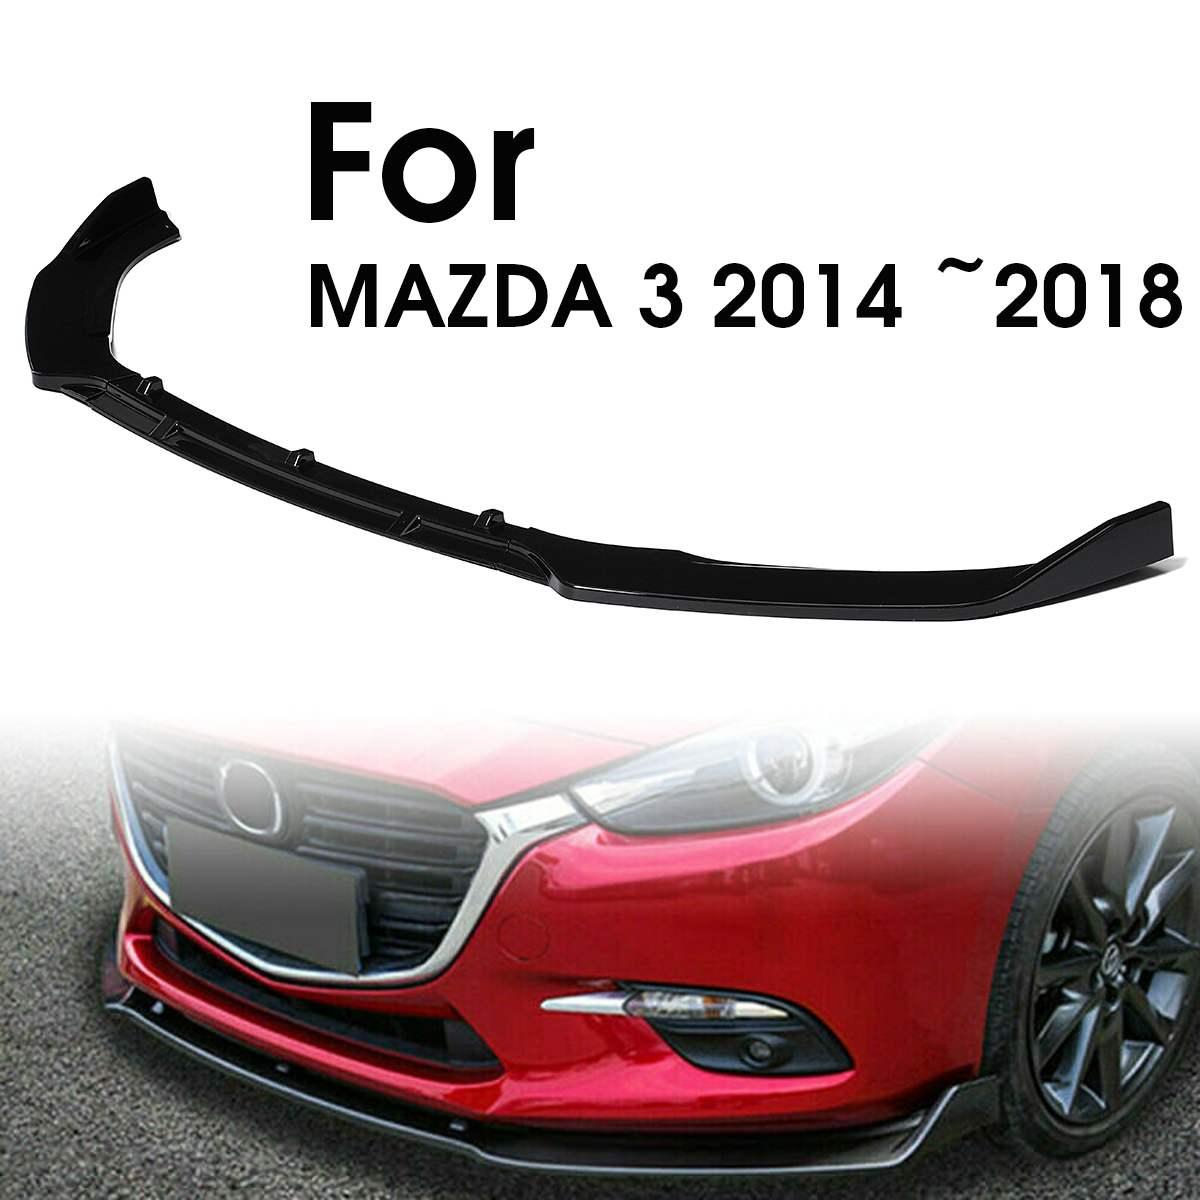 3 piezas de parachoques delantero negro brillante del coche del divisor del borde de la cubierta del labio del difusor del parachoques delantero ajuste para MAZDA 3 axela 2014, 2018